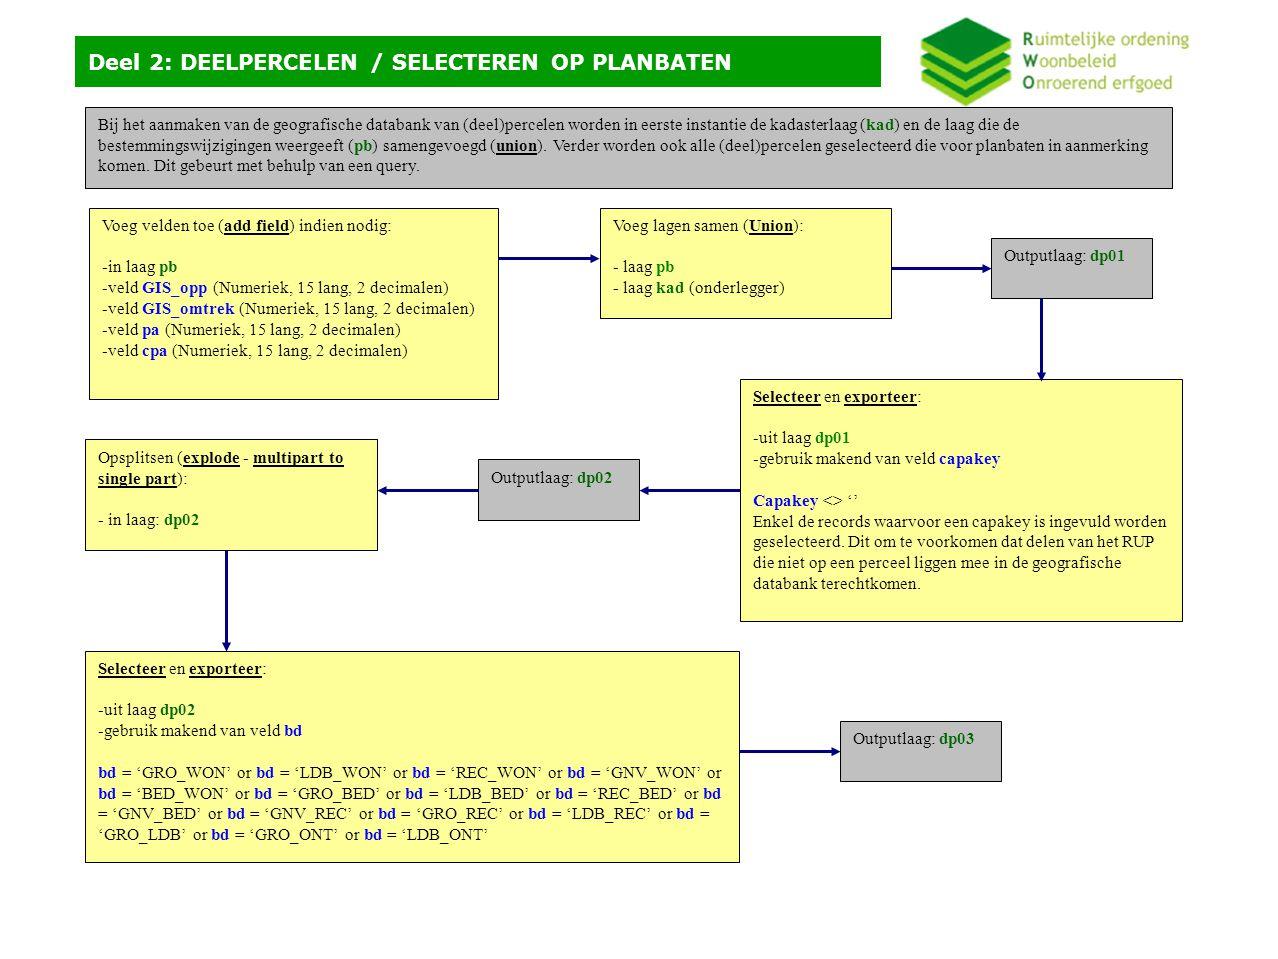 Deel 2: DEELPERCELEN / SELECTEREN OP PLANBATEN Voeg lagen samen (Union): - laag pb - laag kad (onderlegger) Selecteer en exporteer: -uit laag dp01 -gebruik makend van veld capakey Capakey <> '' Enkel de records waarvoor een capakey is ingevuld worden geselecteerd.